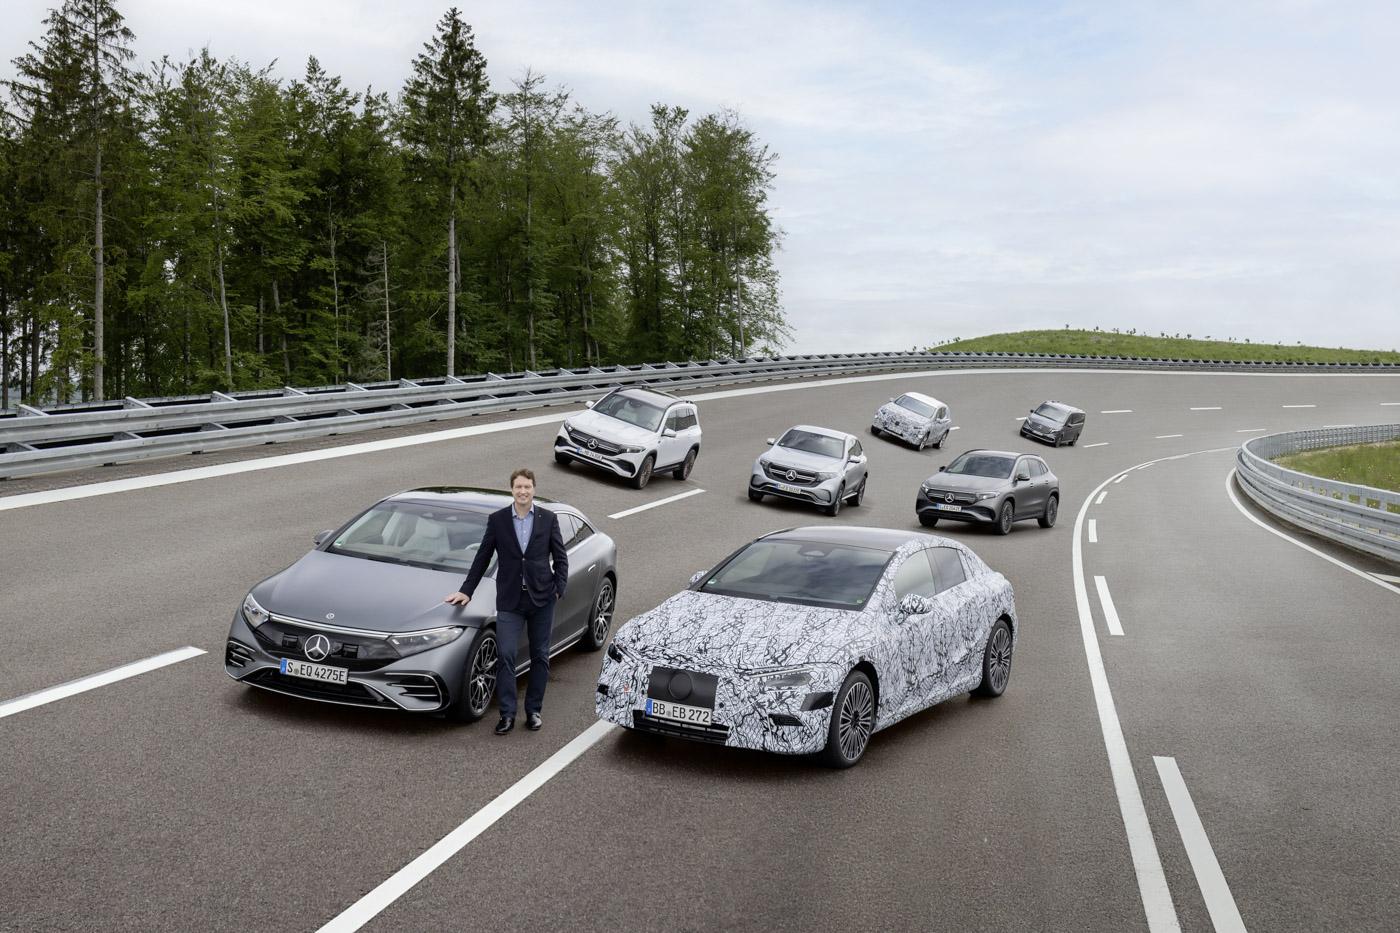 Mercedes-Benz-sẽ-trở-thành-thương-hiệu-xe-điện-vào-năm-2030-1.jpg